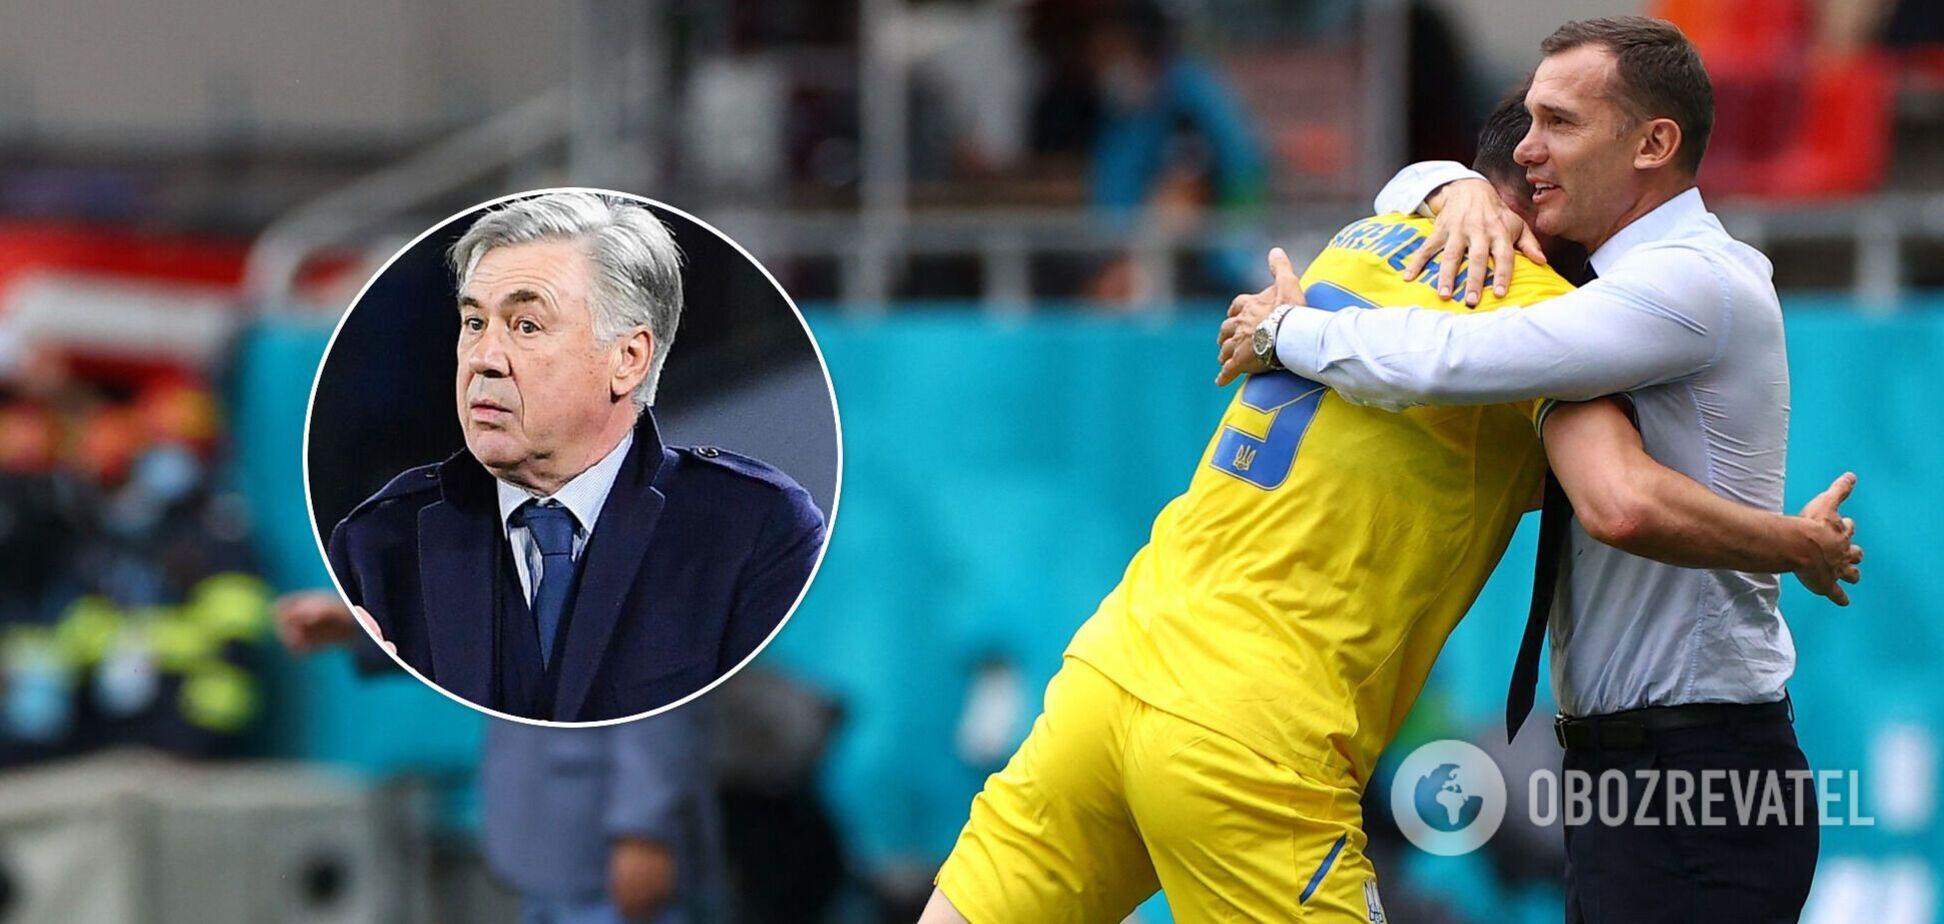 Тренер 'Реала' назвал единственную проблему сборной Украины на Евро-2020